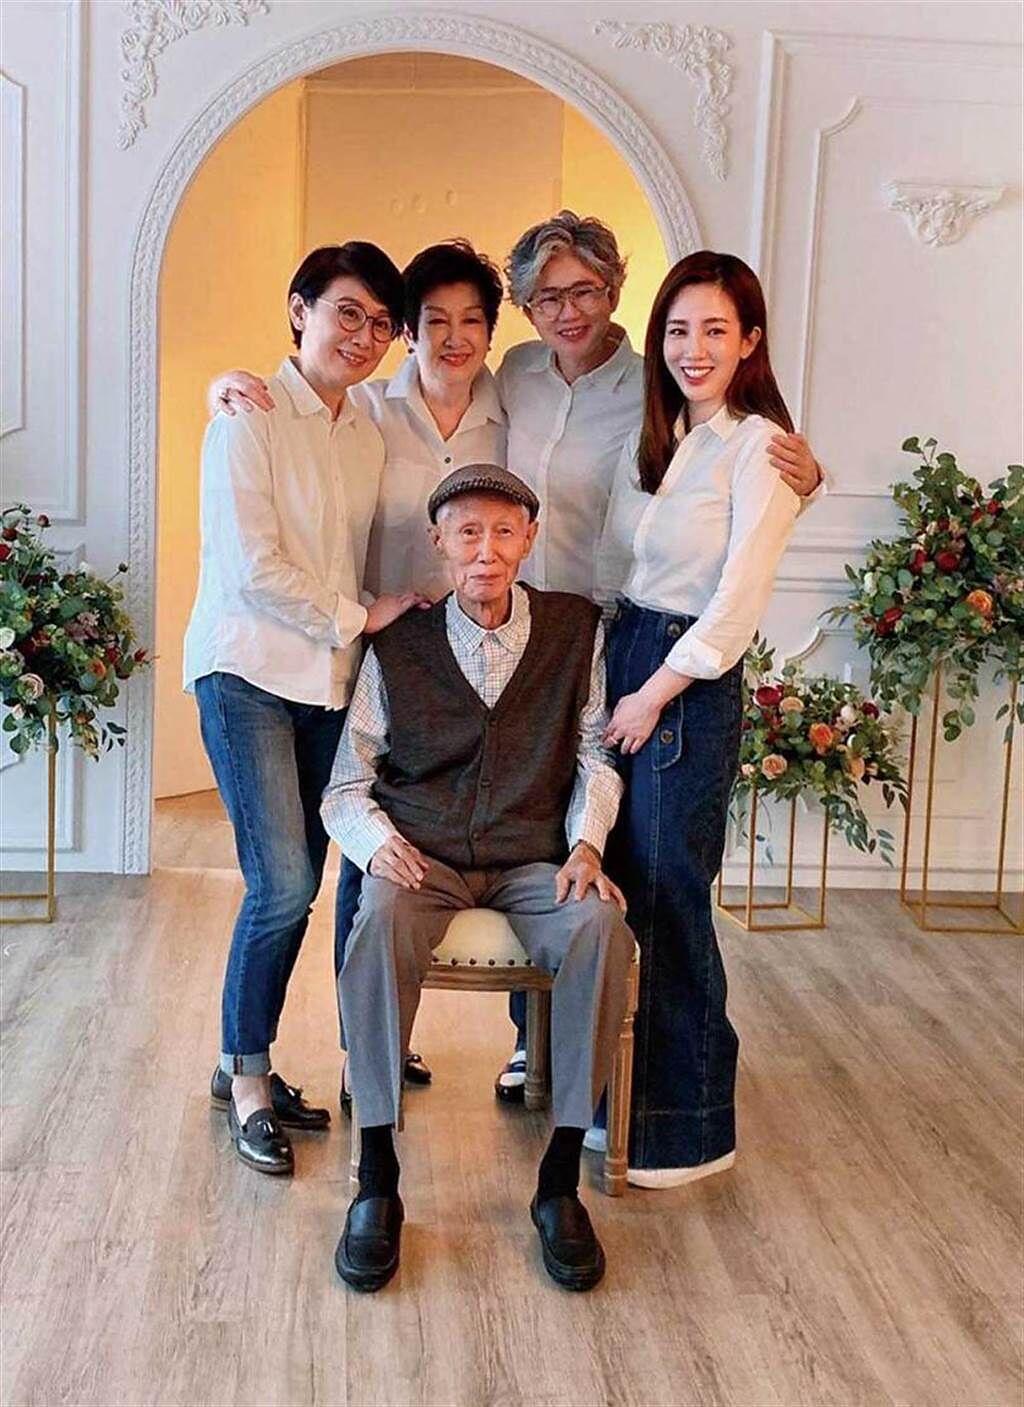 相當珍惜家庭時光的張愛雅,最近跟爸媽、2個姊姊一起拍攝全家福。(圖/有魚娛樂提供)